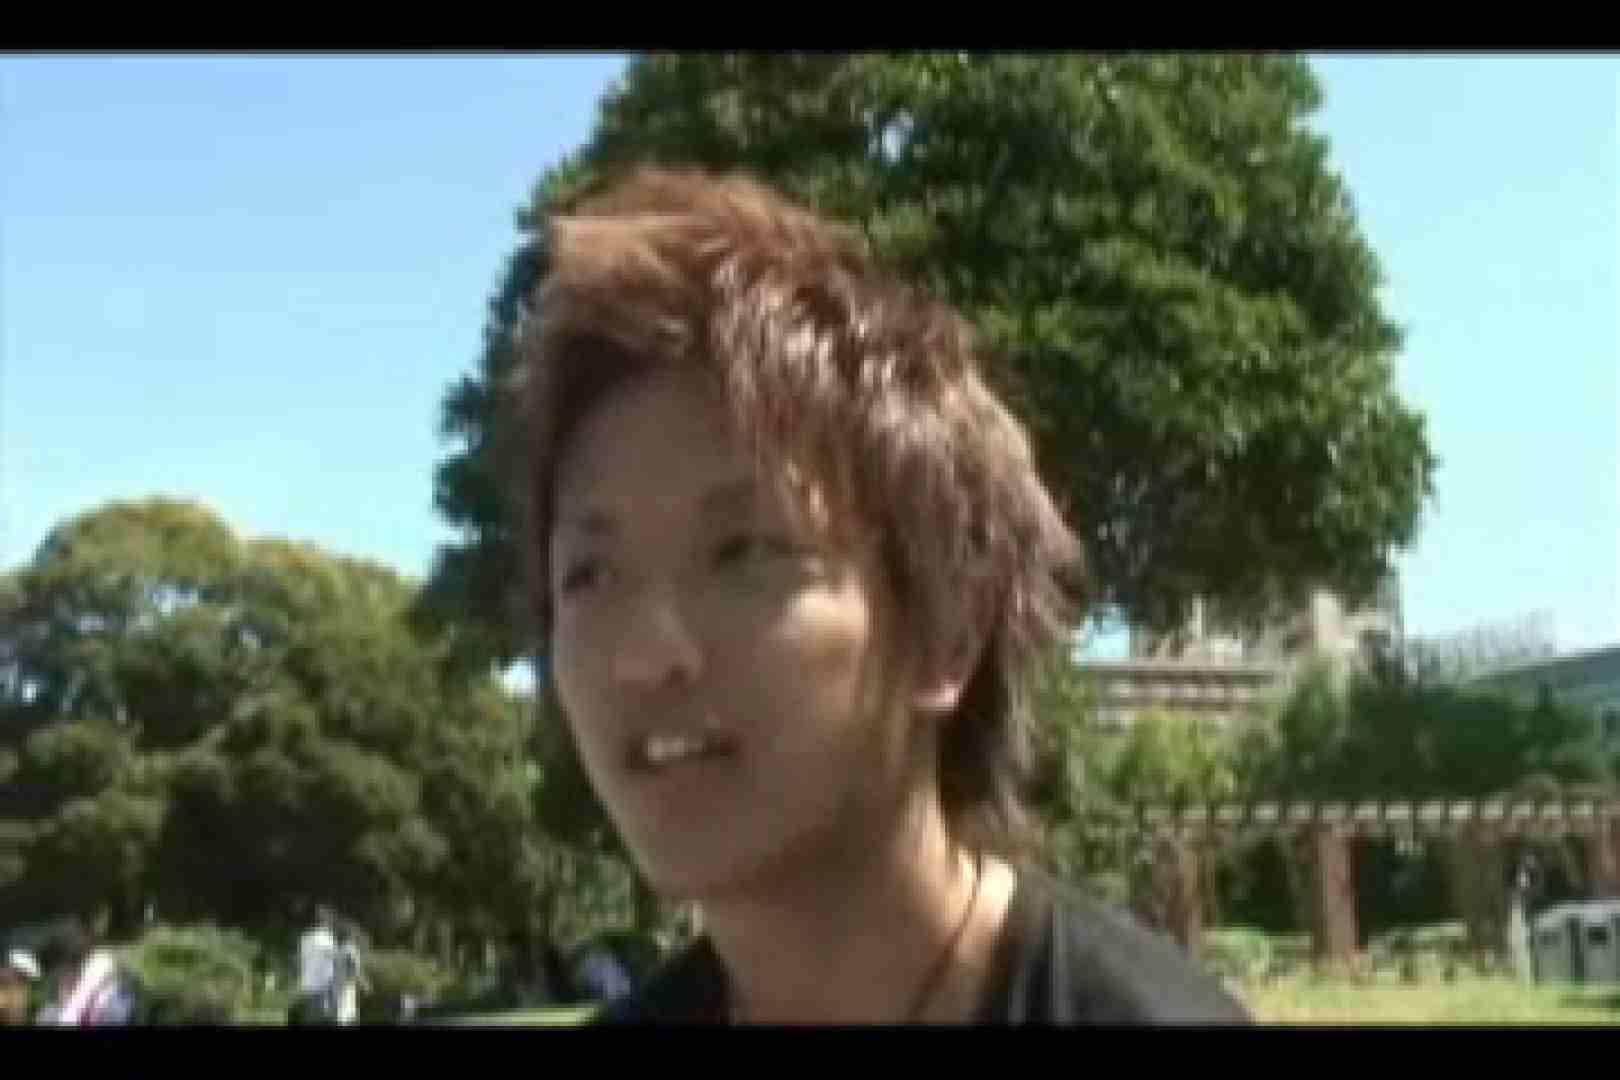 イケメンの逝きまくり旅情!!in 横浜 フェラ天国 ゲイ無料エロ画像 90pic 15